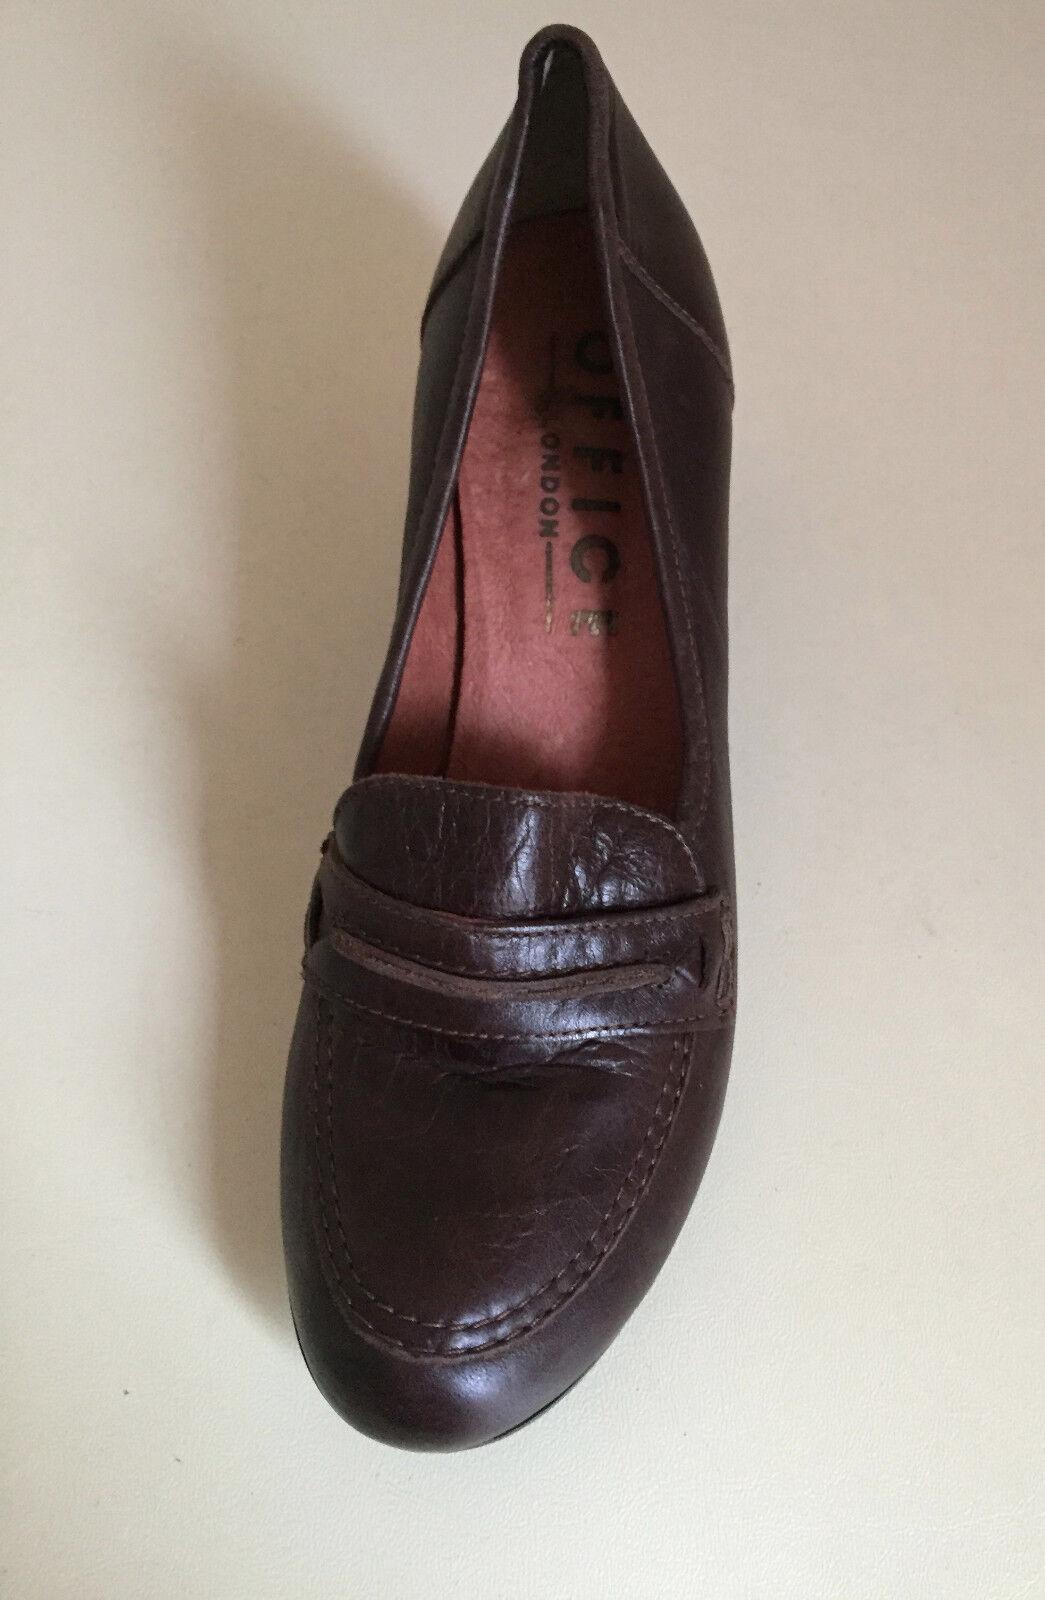 Noir Noir Noir cuir véritable bureau London Chaussures Taille 4 37 13c6d3